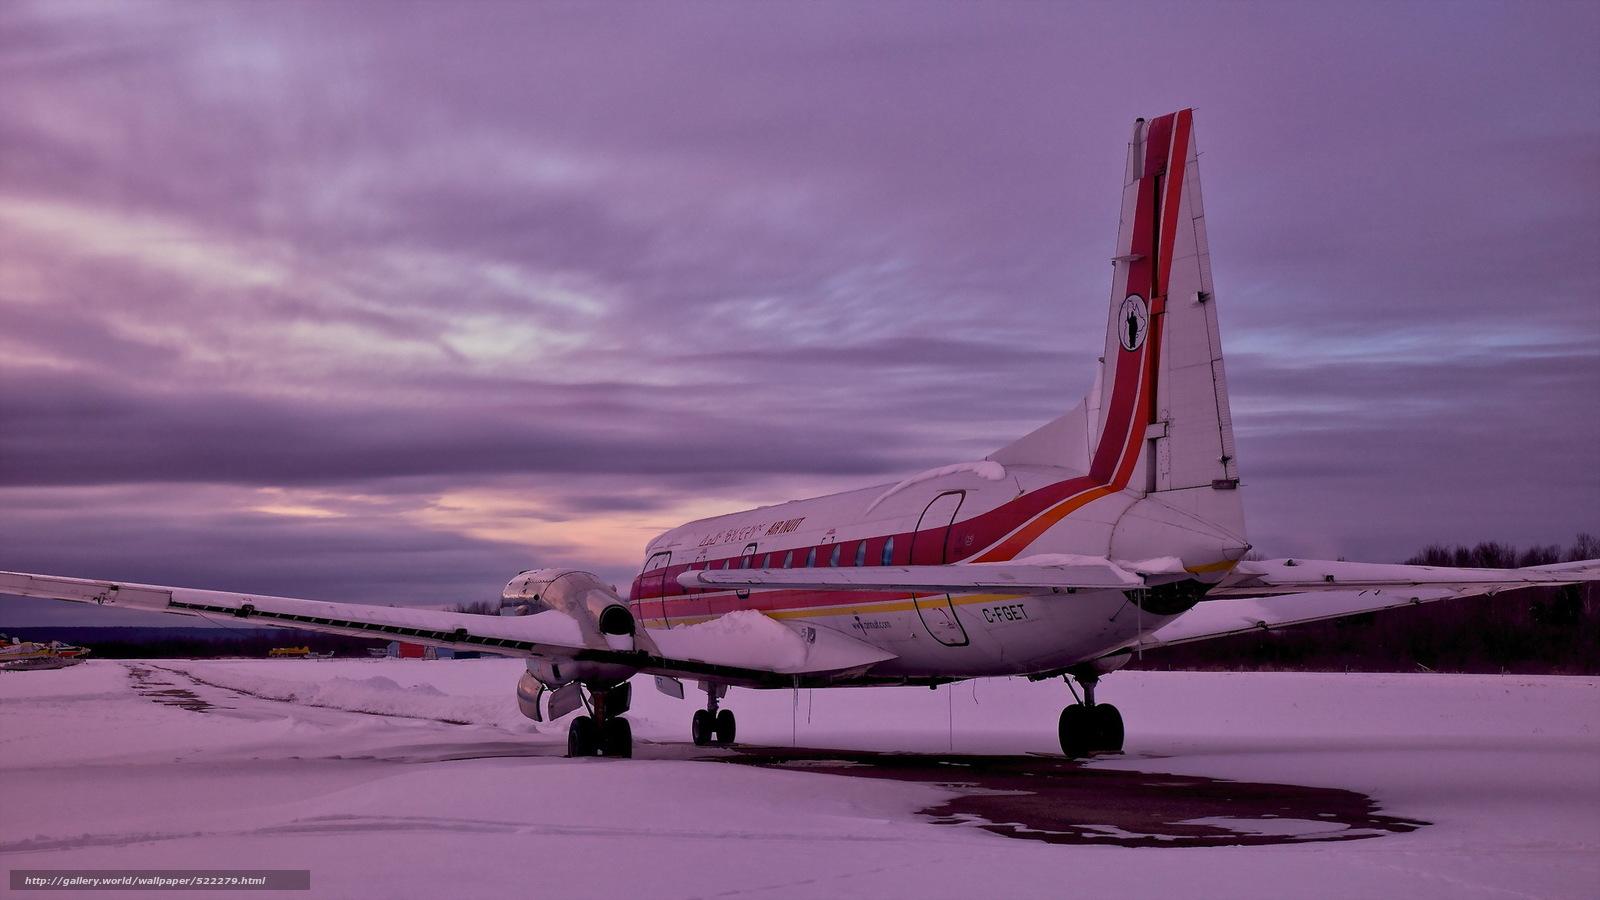 Скачать обои самолёт,  аэродром,  закат бесплатно для рабочего стола в разрешении 2048x1152 — картинка №522279